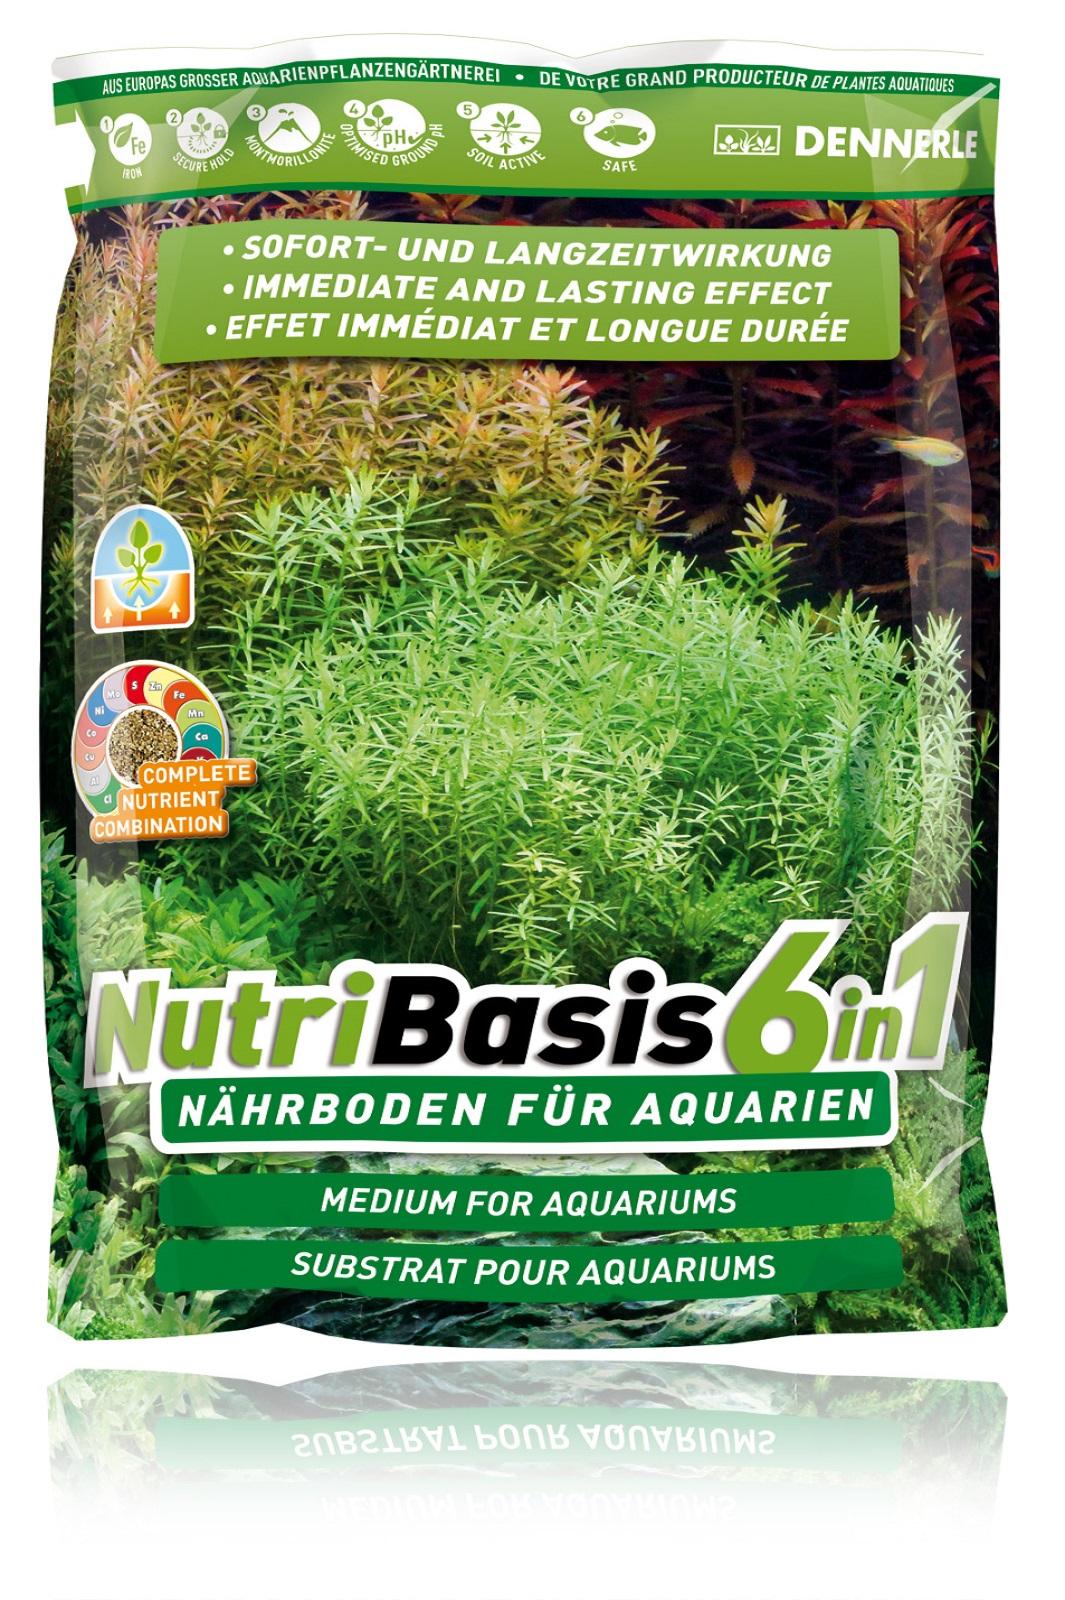 Dennerle  NutriBasis 6in1  Nährboden für Aquarium 4,8 kg